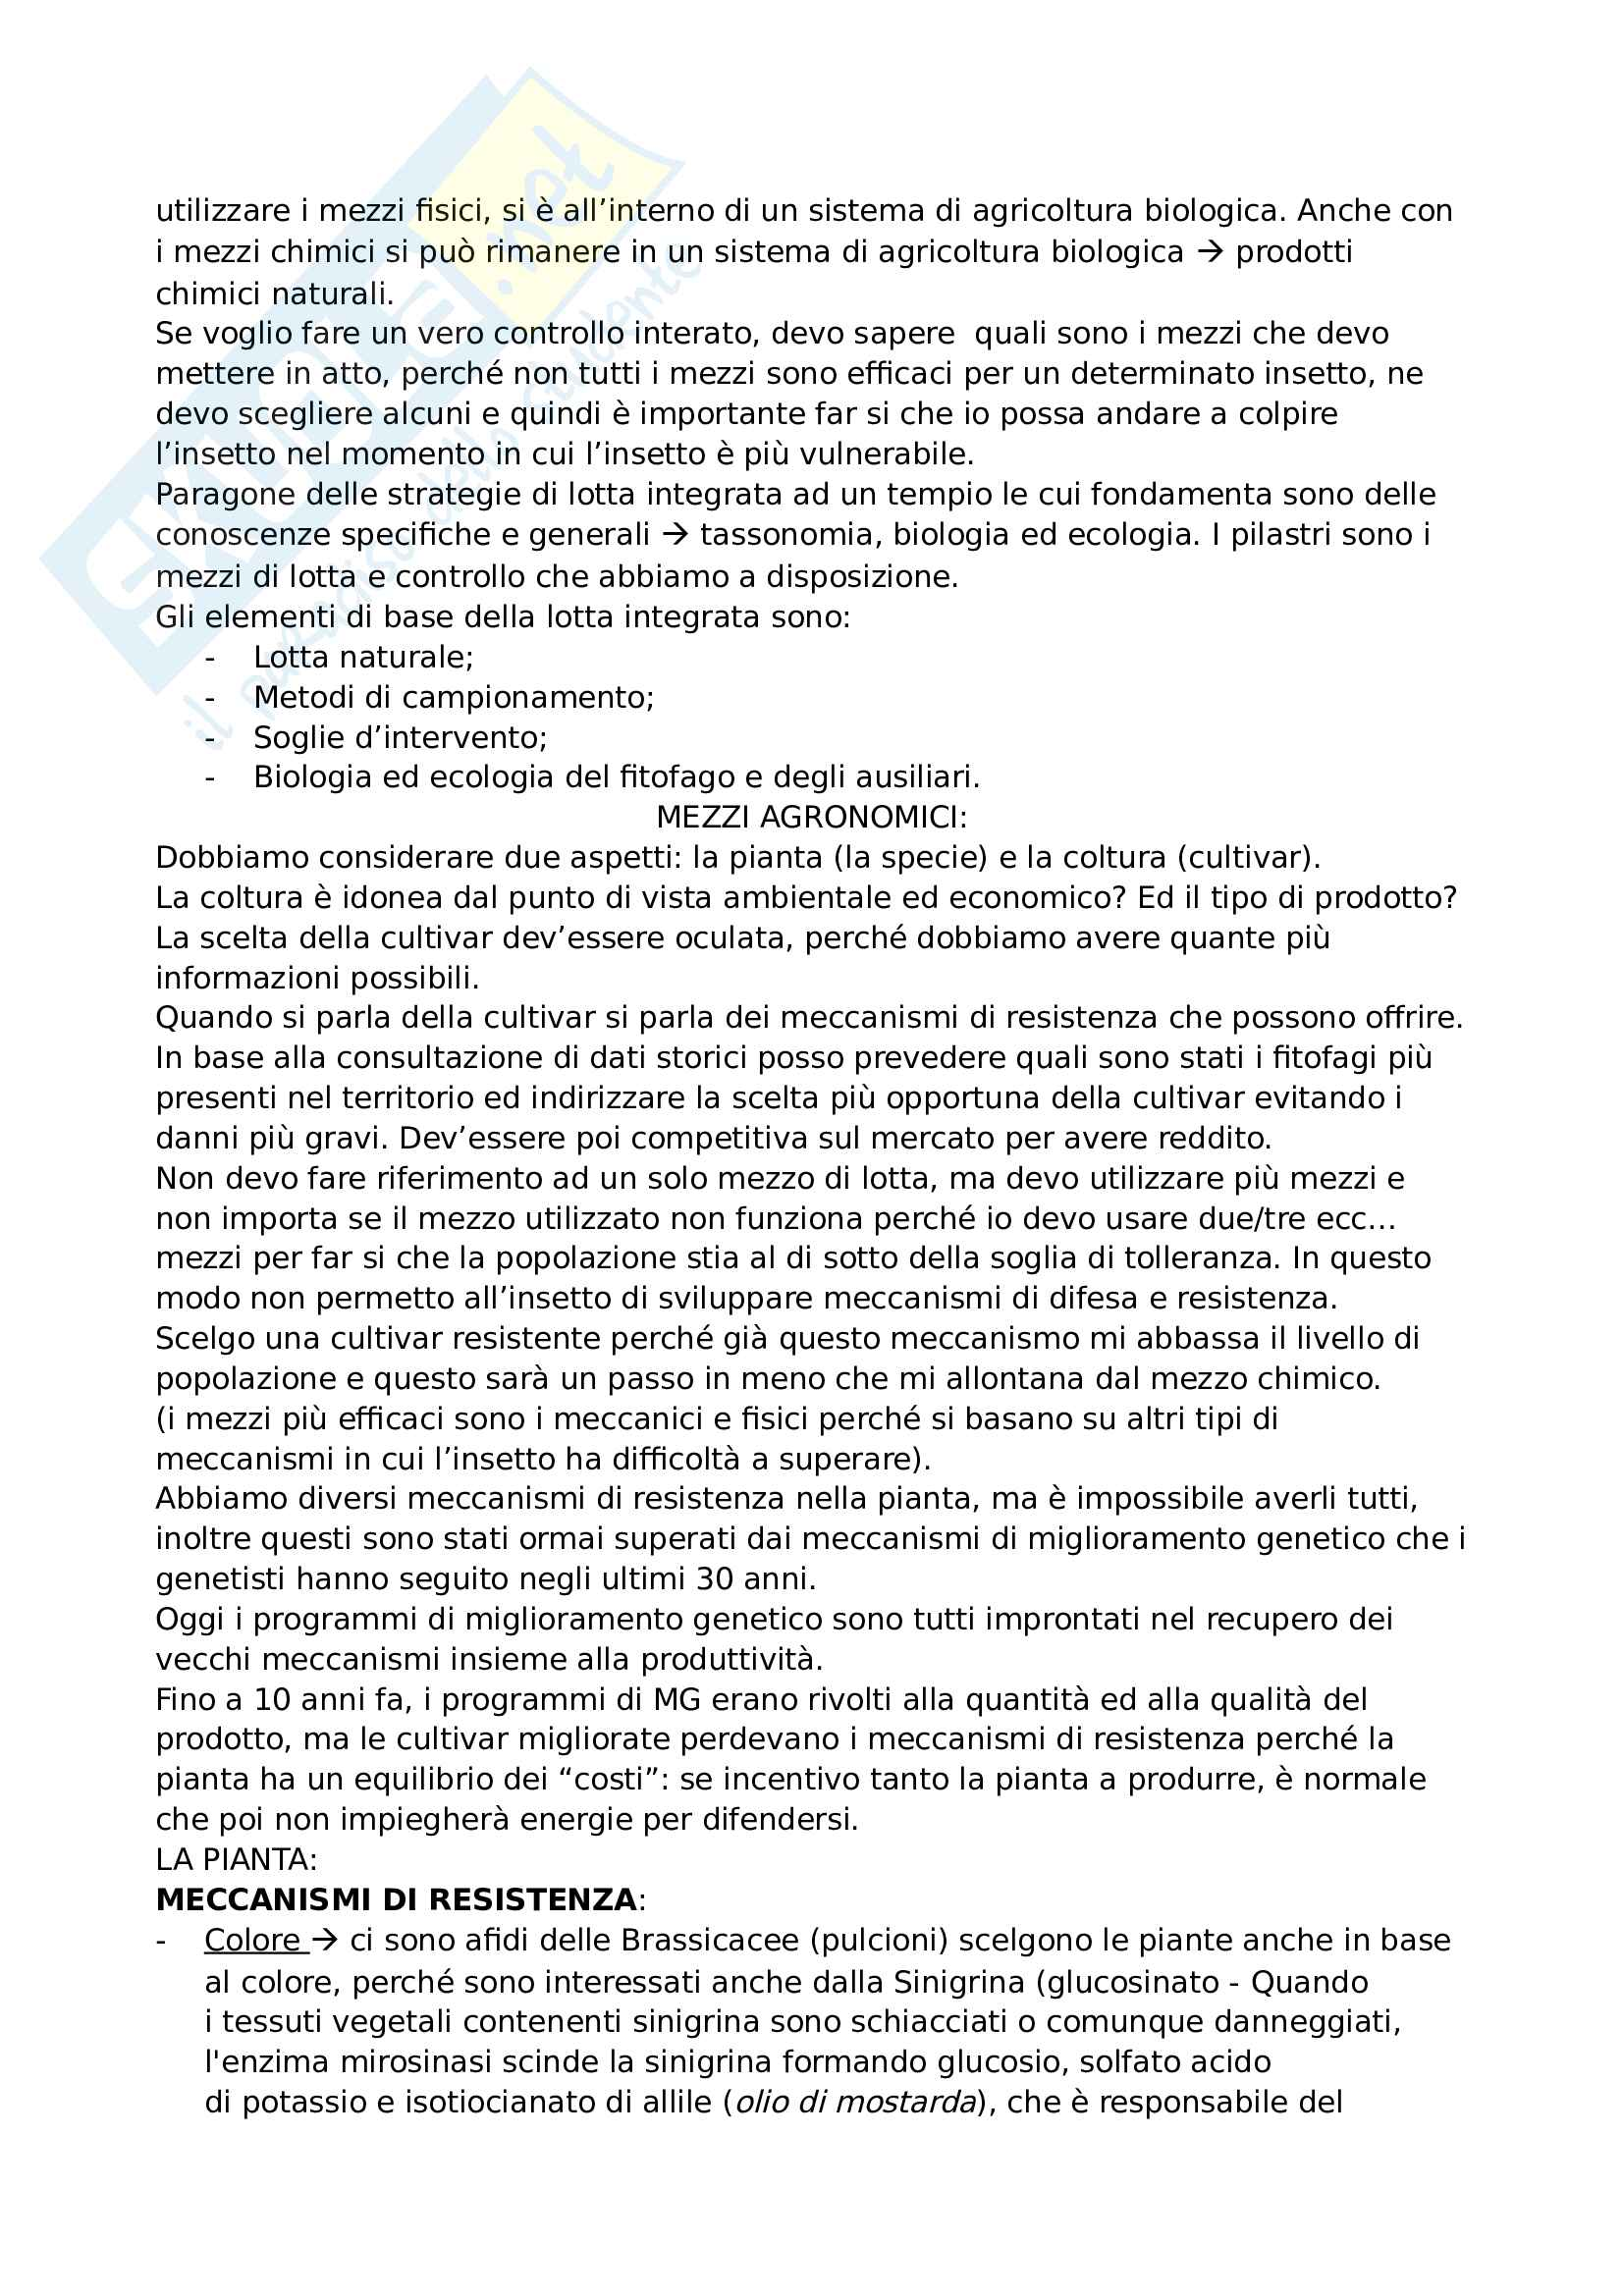 Appunti lotta integrata Pag. 6